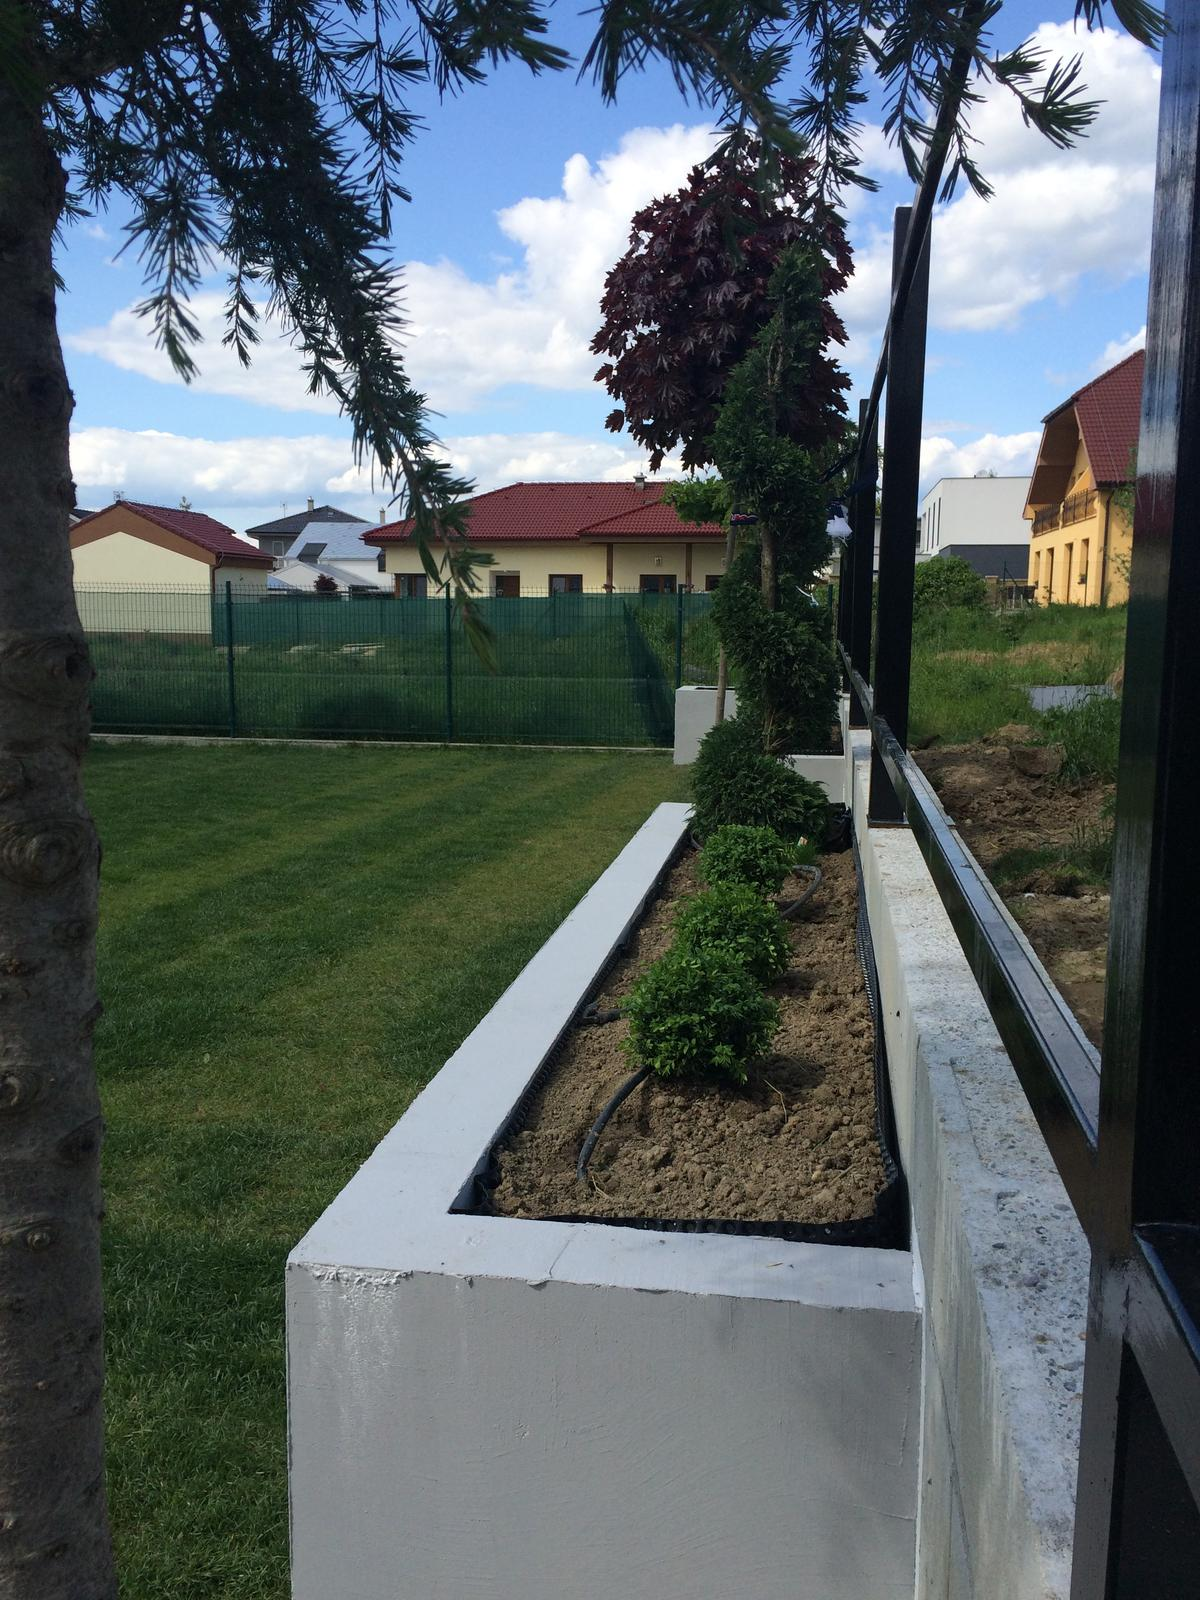 Zahradka - kochliky este nie su hotove. este treba dokoncit fasadu.